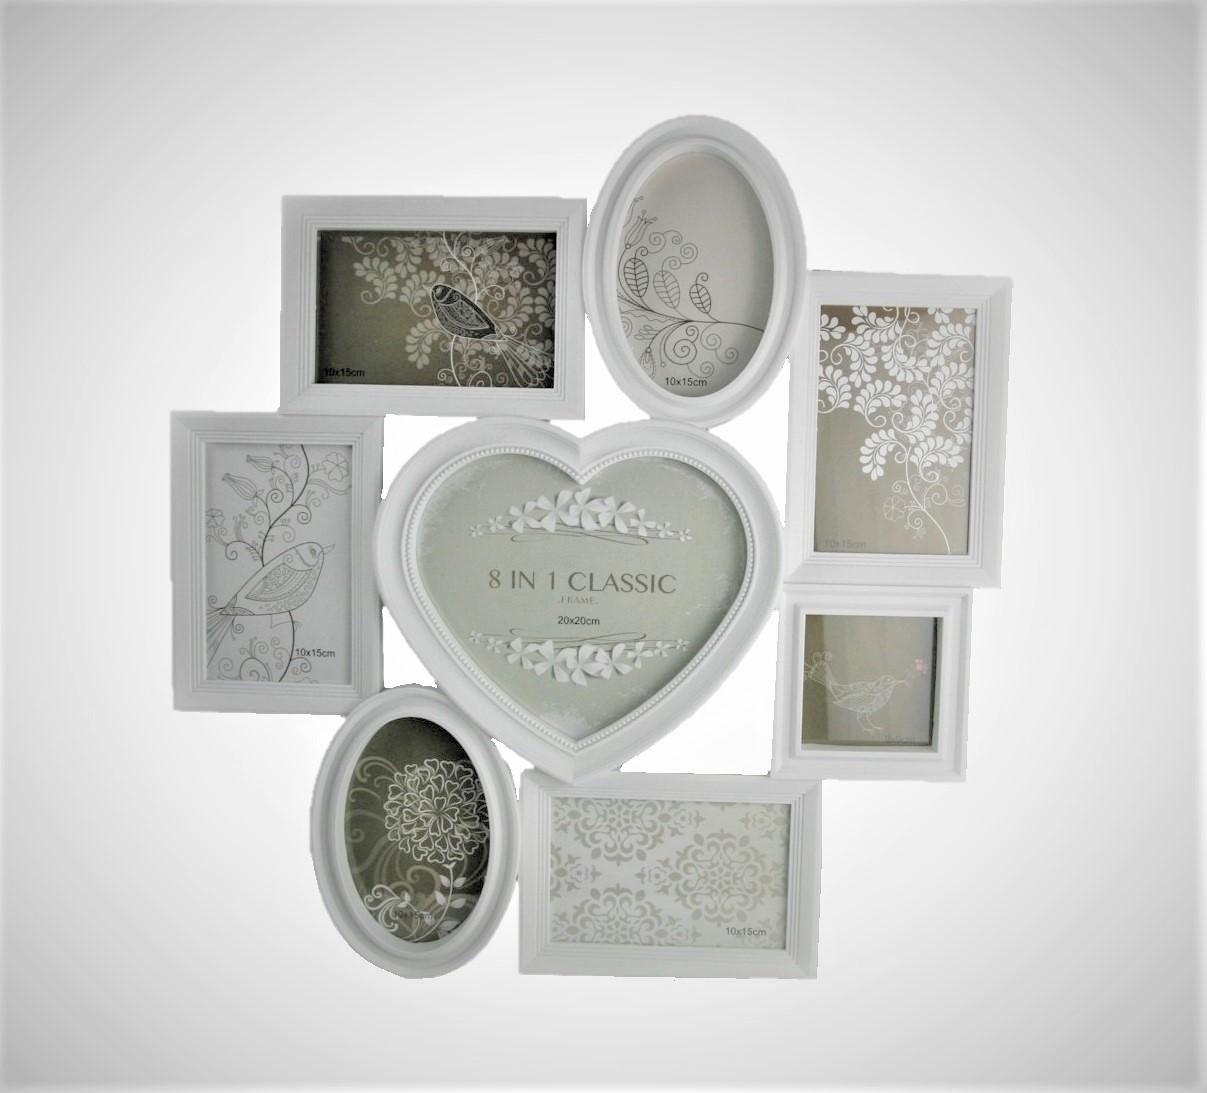 bilderrahmen 49 cm x 50 cm collage f r 8 fotos verschiedene rahmen in wei ebay. Black Bedroom Furniture Sets. Home Design Ideas